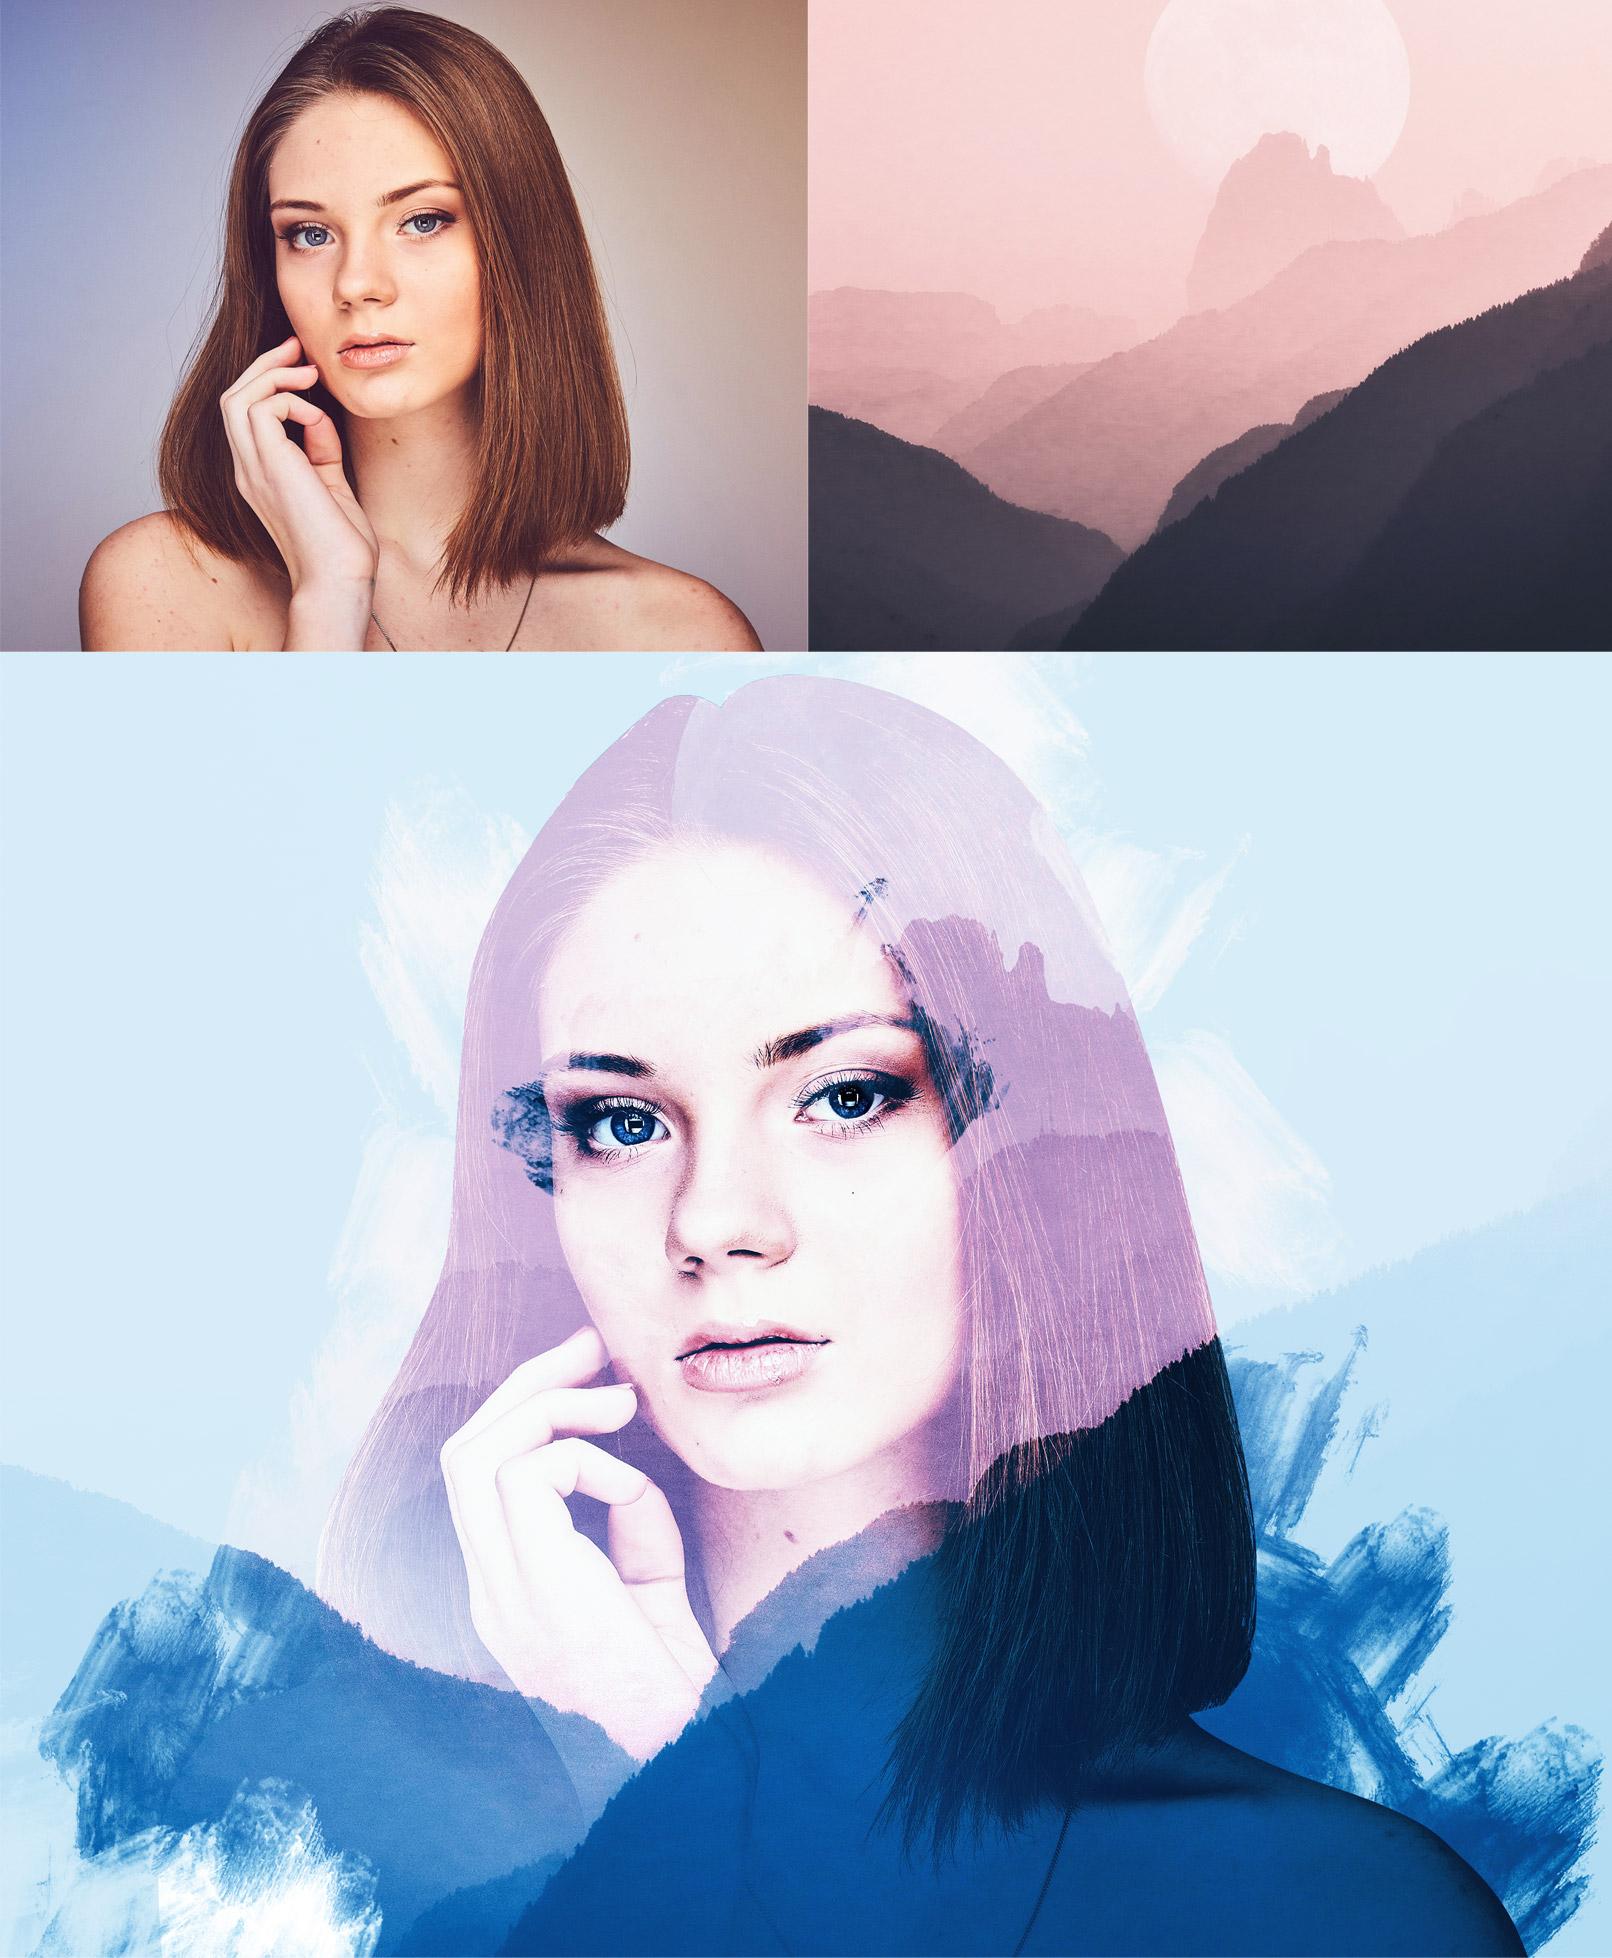 Portrait einer Frau und eine Landschaftsaufnahme, nach Anwendung der Aktion ergibt sich eine kunstvolle Double-Exposure-Effekt